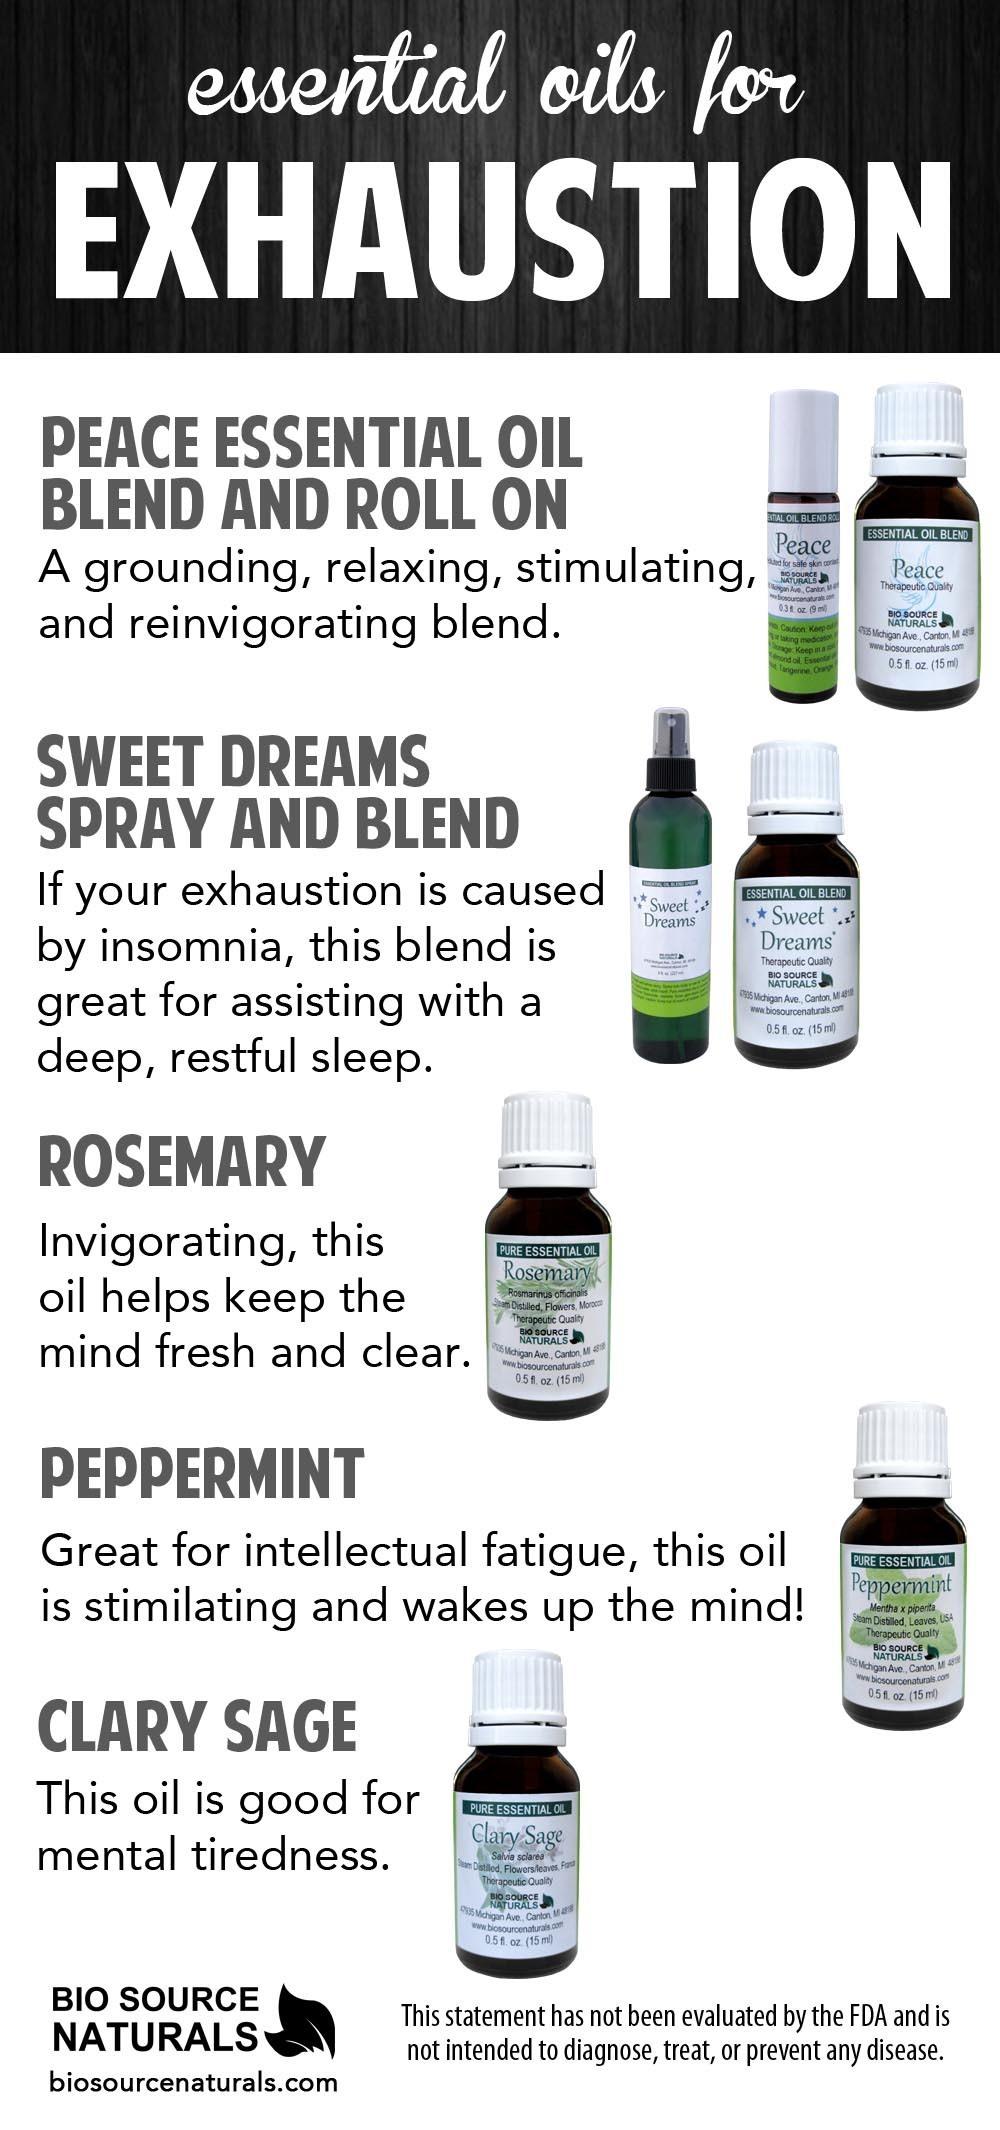 Clary Sage Hydrosol Calming Spray - 4 fl oz (120 ml) Stress Relief